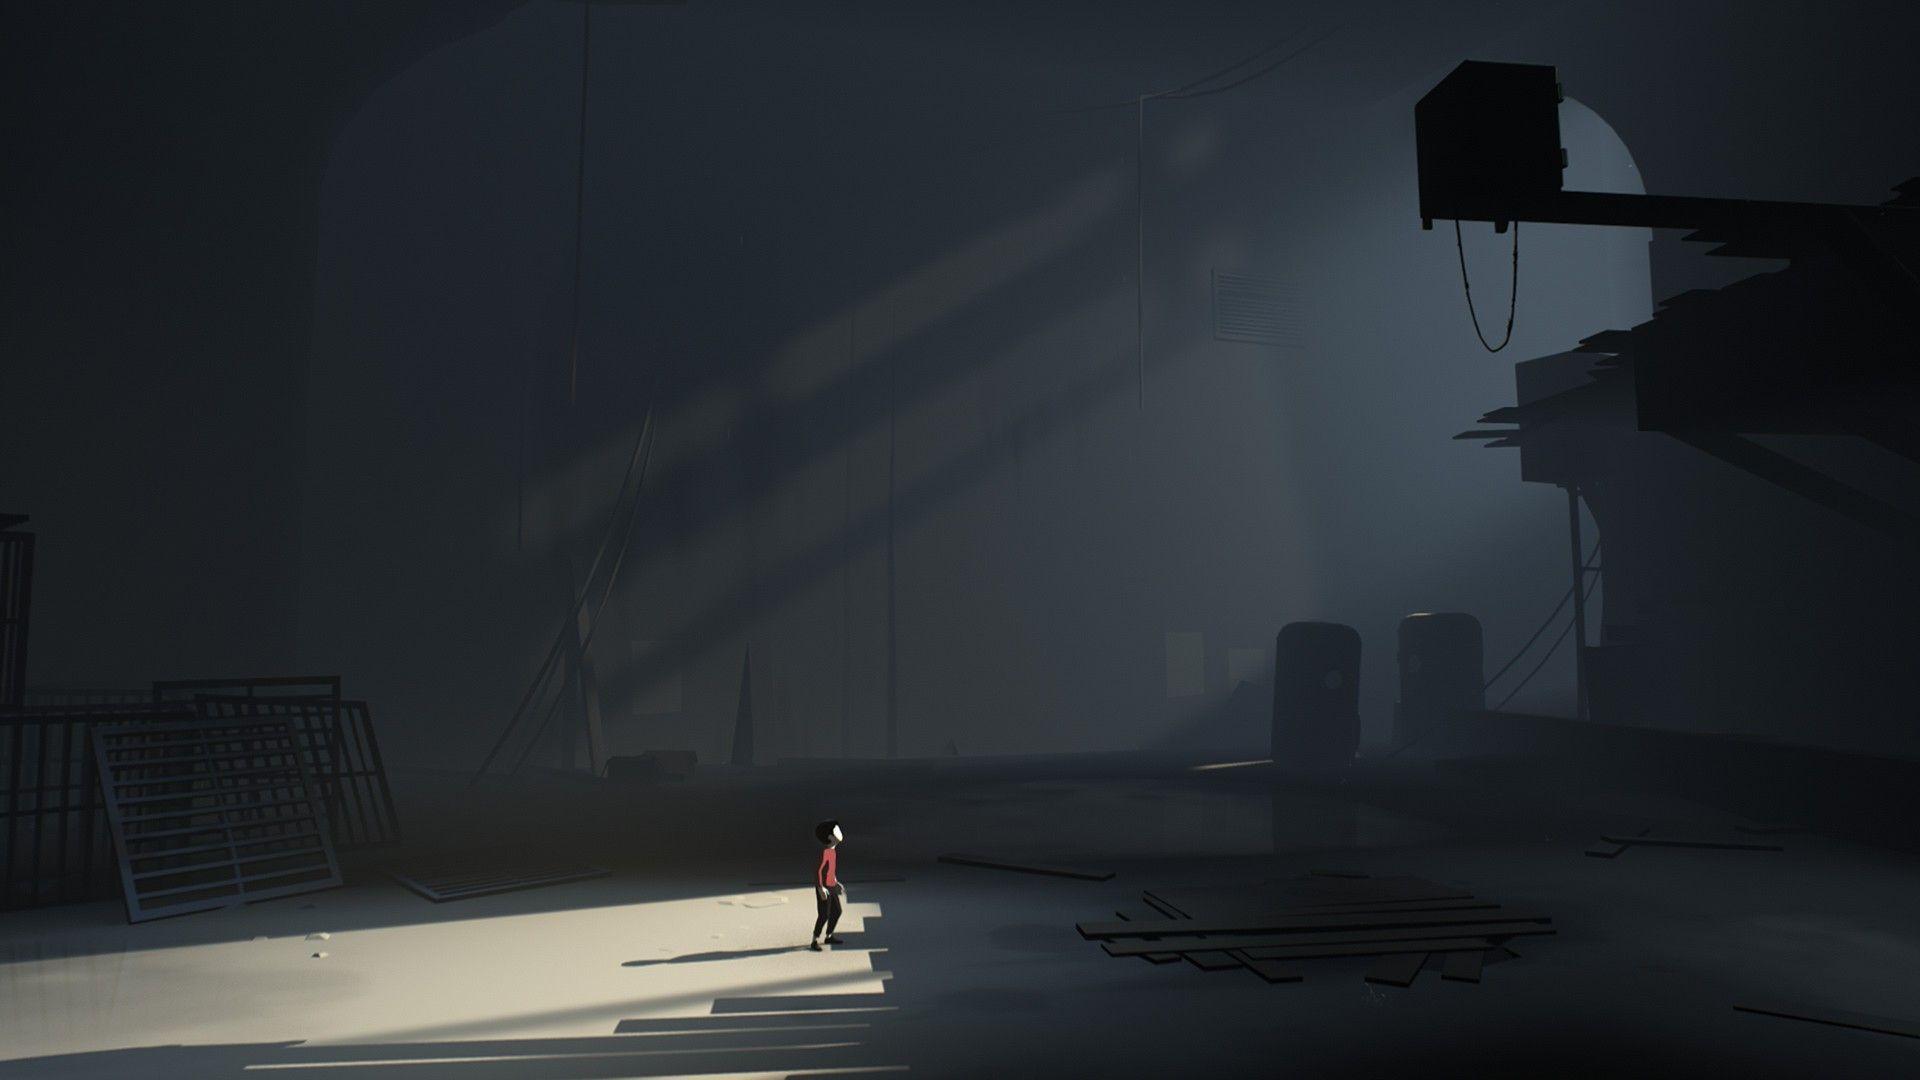 Новая игра от создателей Limbo и Inside будет фантастикой